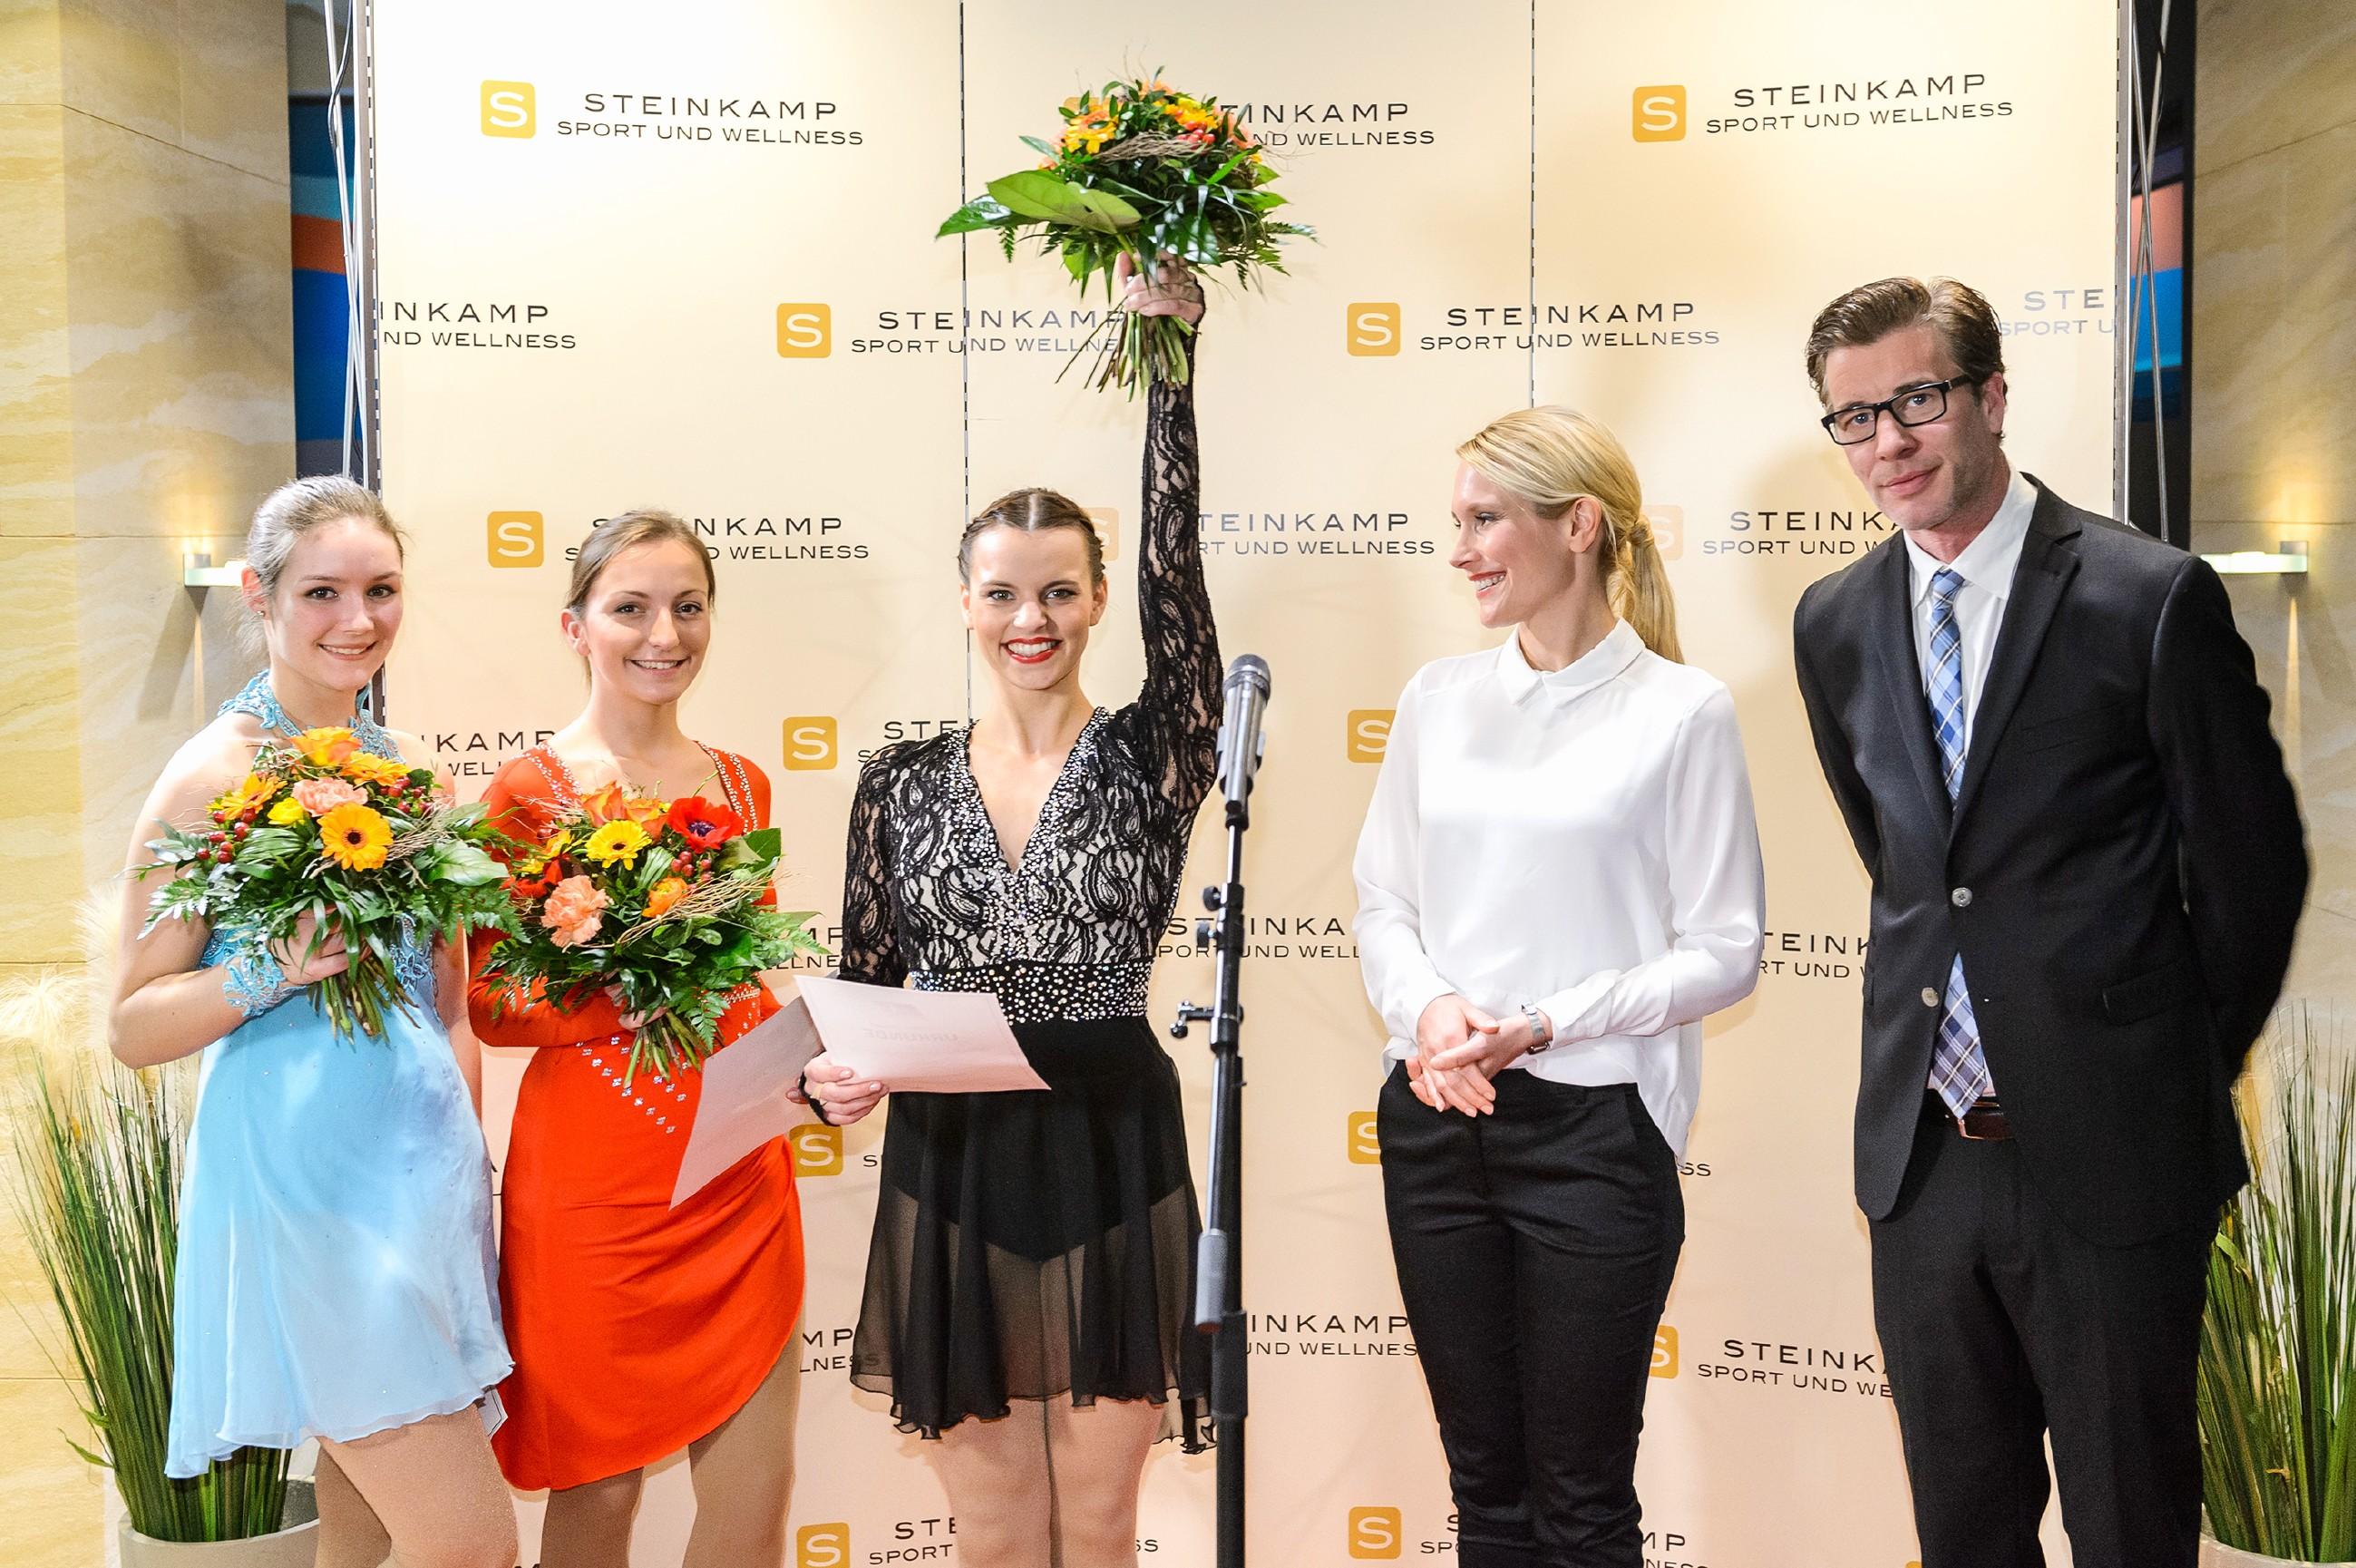 Stolz zeigt sich Michelle (Franziska Benz, M.) auf der Bühne der Presse, als sie neben zwei weiteren Eisläuferinnen (l. Komparsinnen) als Qualifikantin zur Deutschen Meisterschaft ausgerufen und von BDE-Präsidentin Theresa Hansen (Mareile Moeller, 2.v.r.) und Christoph (Lars Korten) beglückwünscht wird. (Quelle: RTL / Willi Weber)